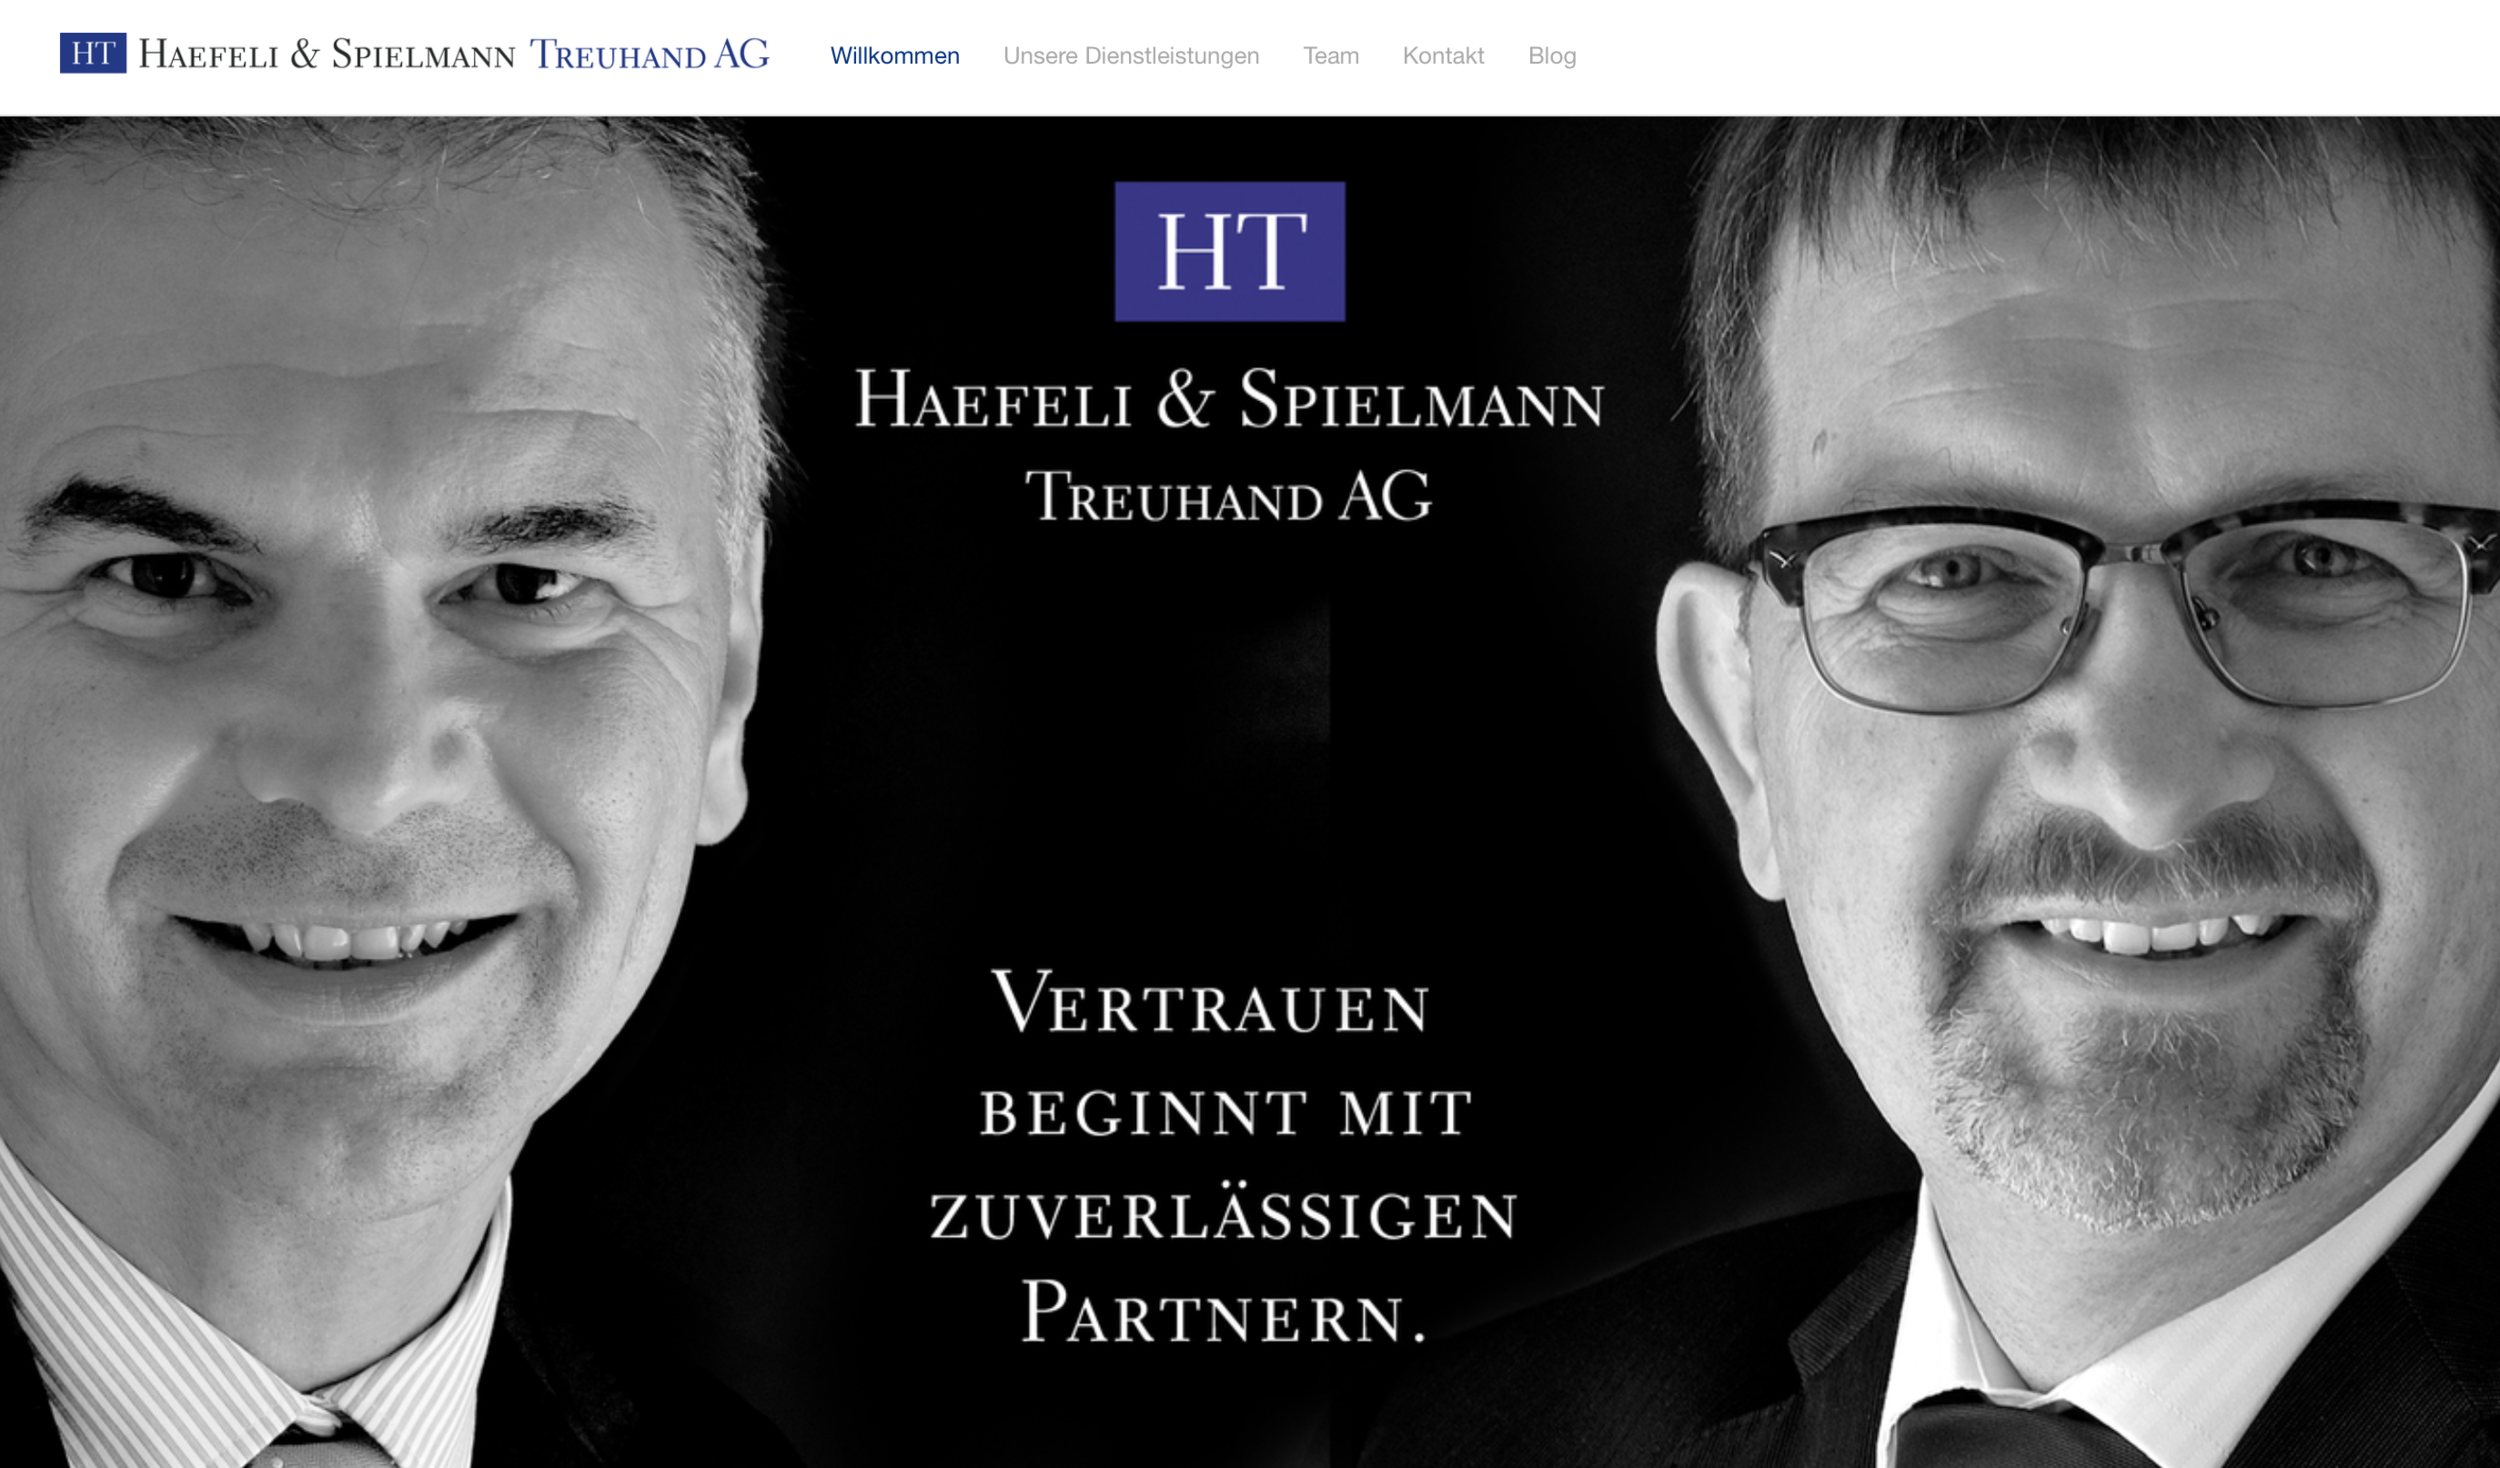 Die Website.